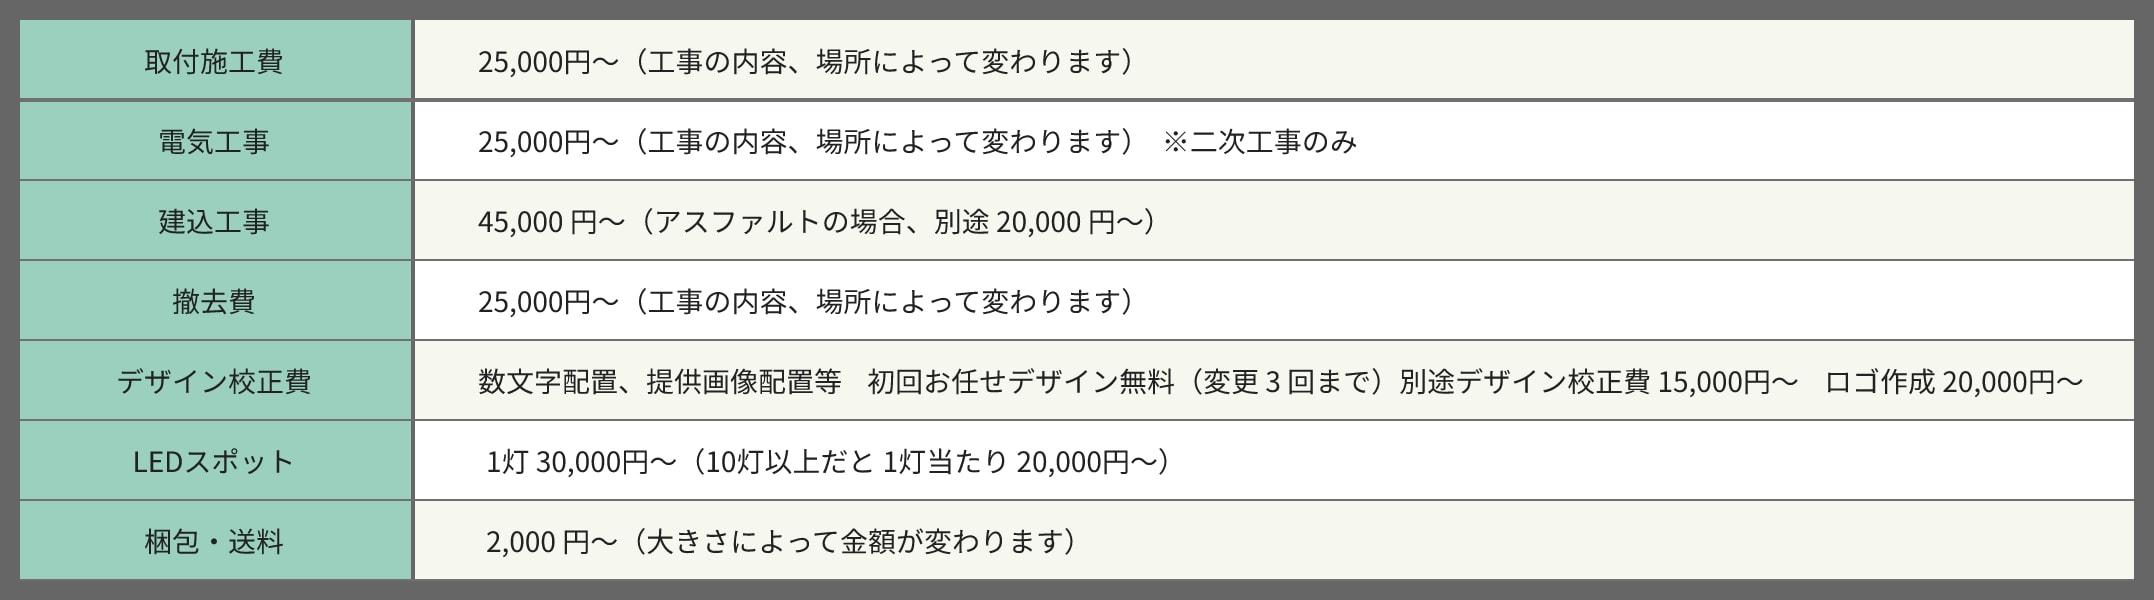 滋賀県で看板デザインをするピーナッツアートのパネル取付施工料金表